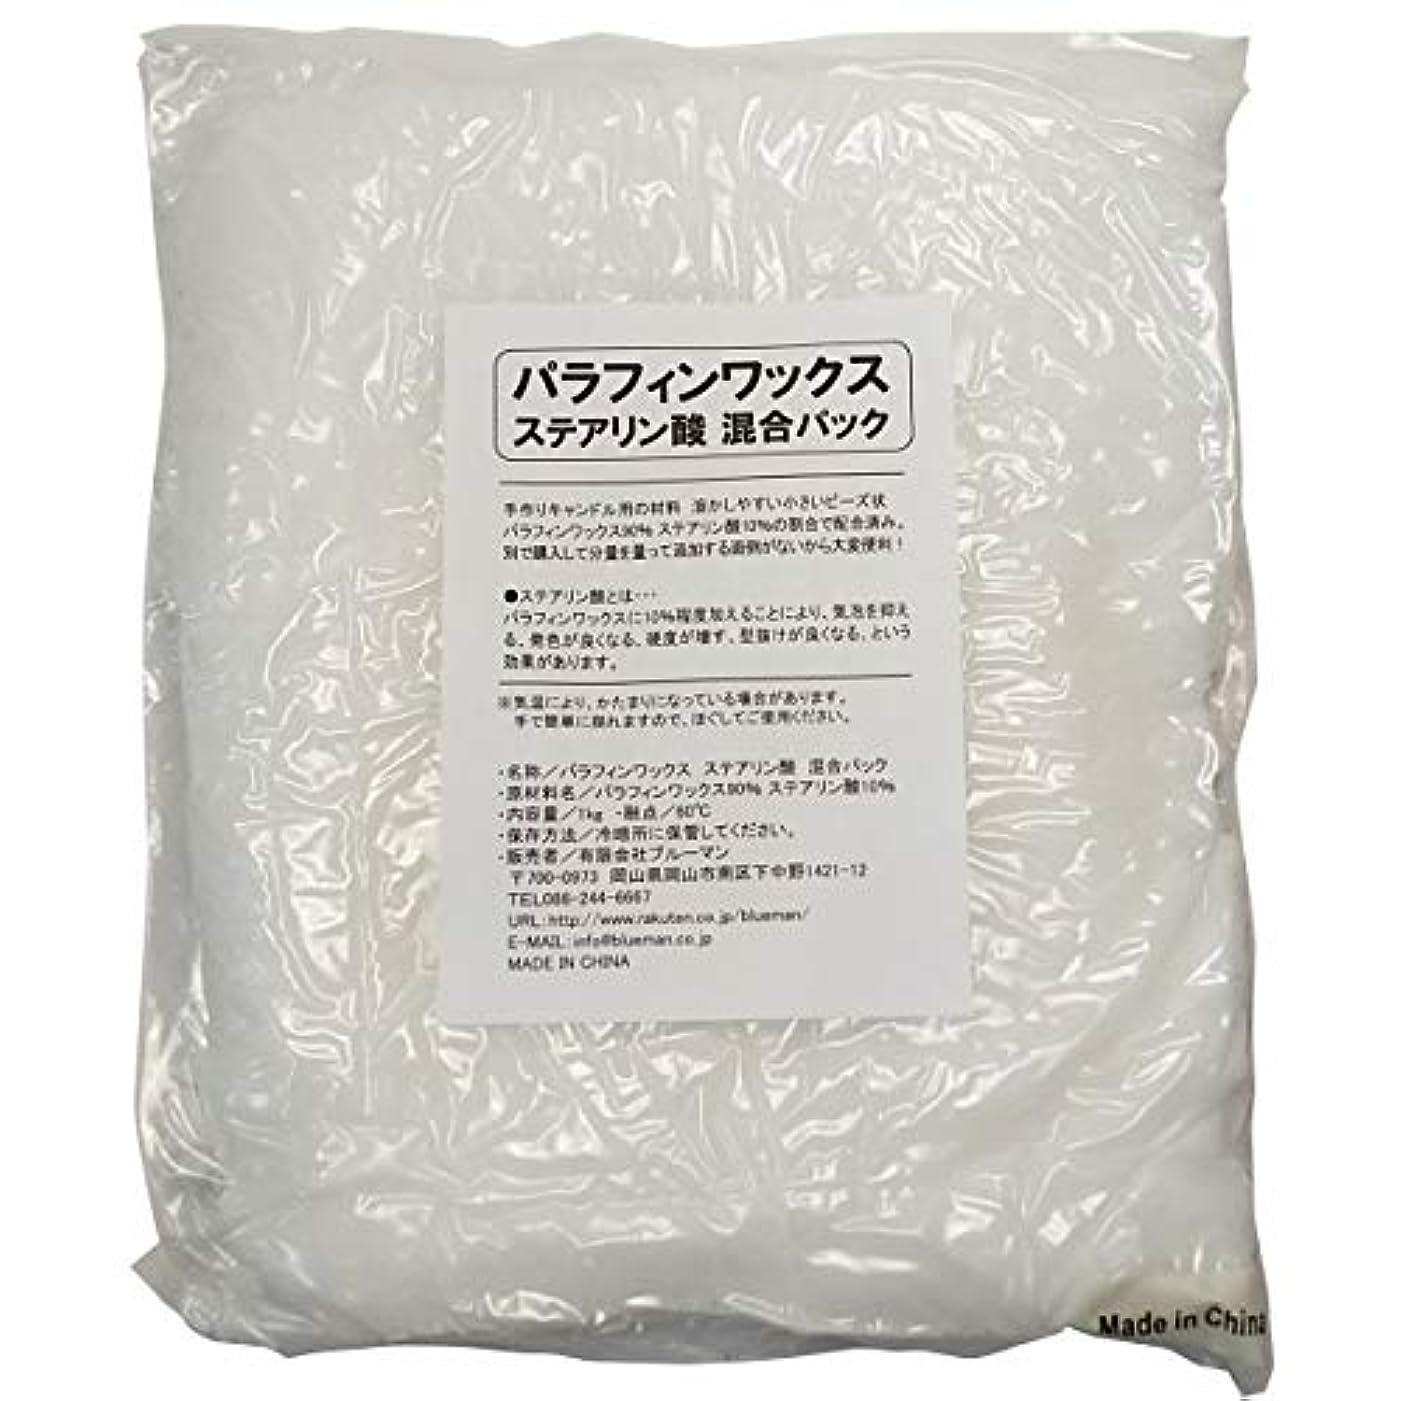 封筒雪だるまを作る必需品パラフィンワックス ステアリン酸 混合パック 1kg 手作りキャンドル 材料 1キロ アロマワックスサシェ